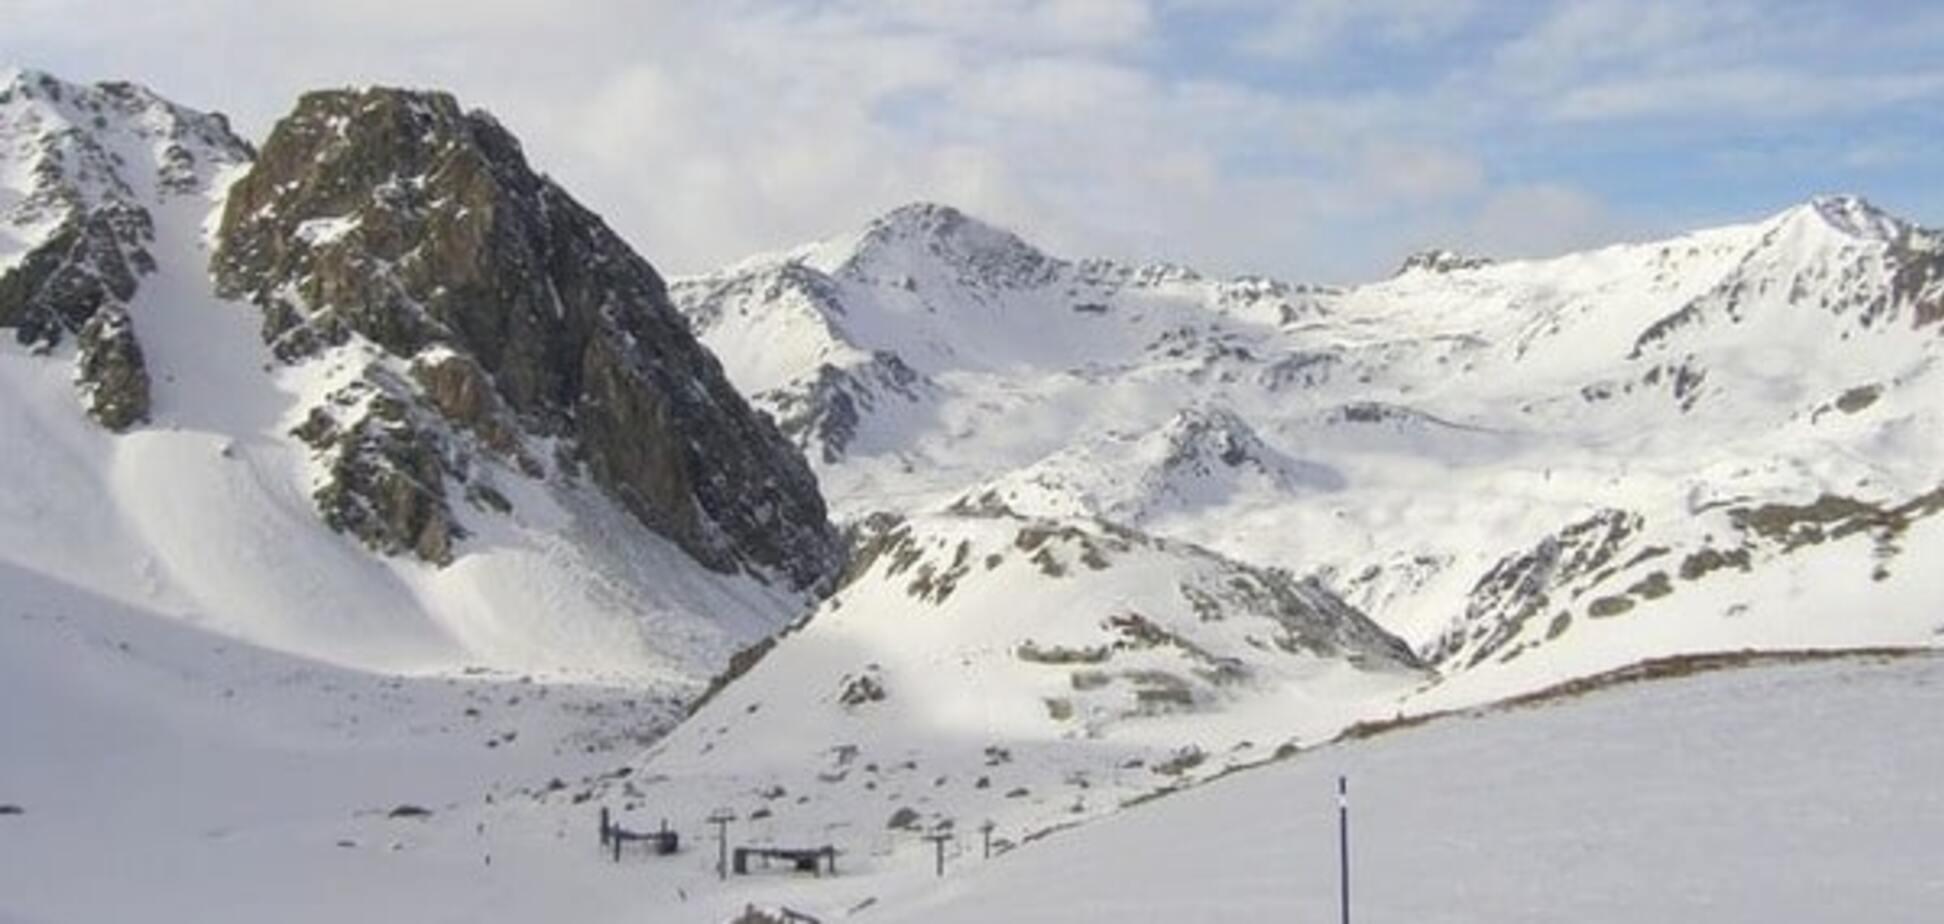 На навчаннях в Альпах загинули 5 французьких солдатів